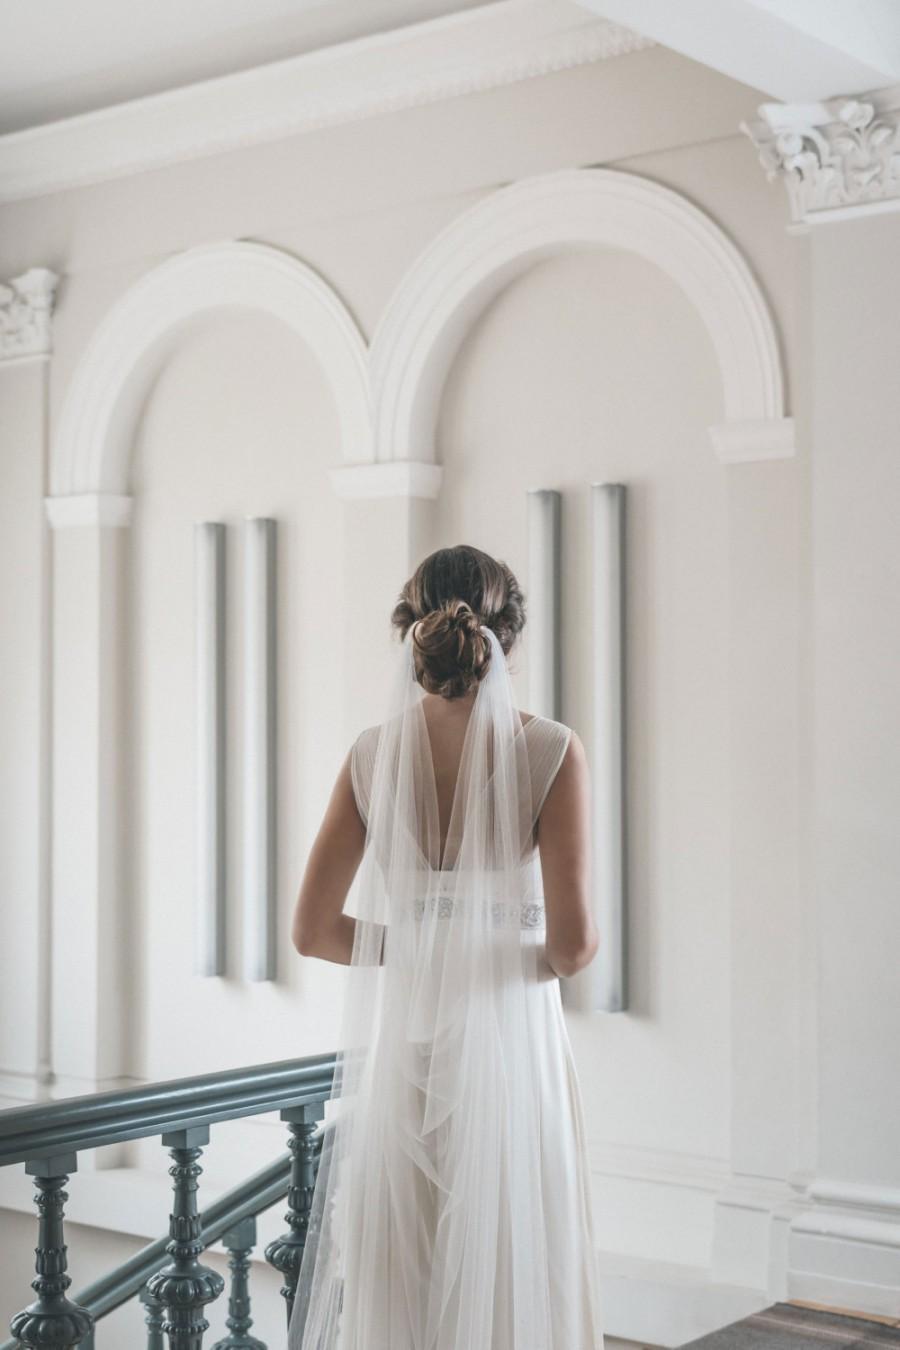 Свадьба - Draped veil - Wedding veil - Boho veil - Soft English tulle veil - Bridal veil